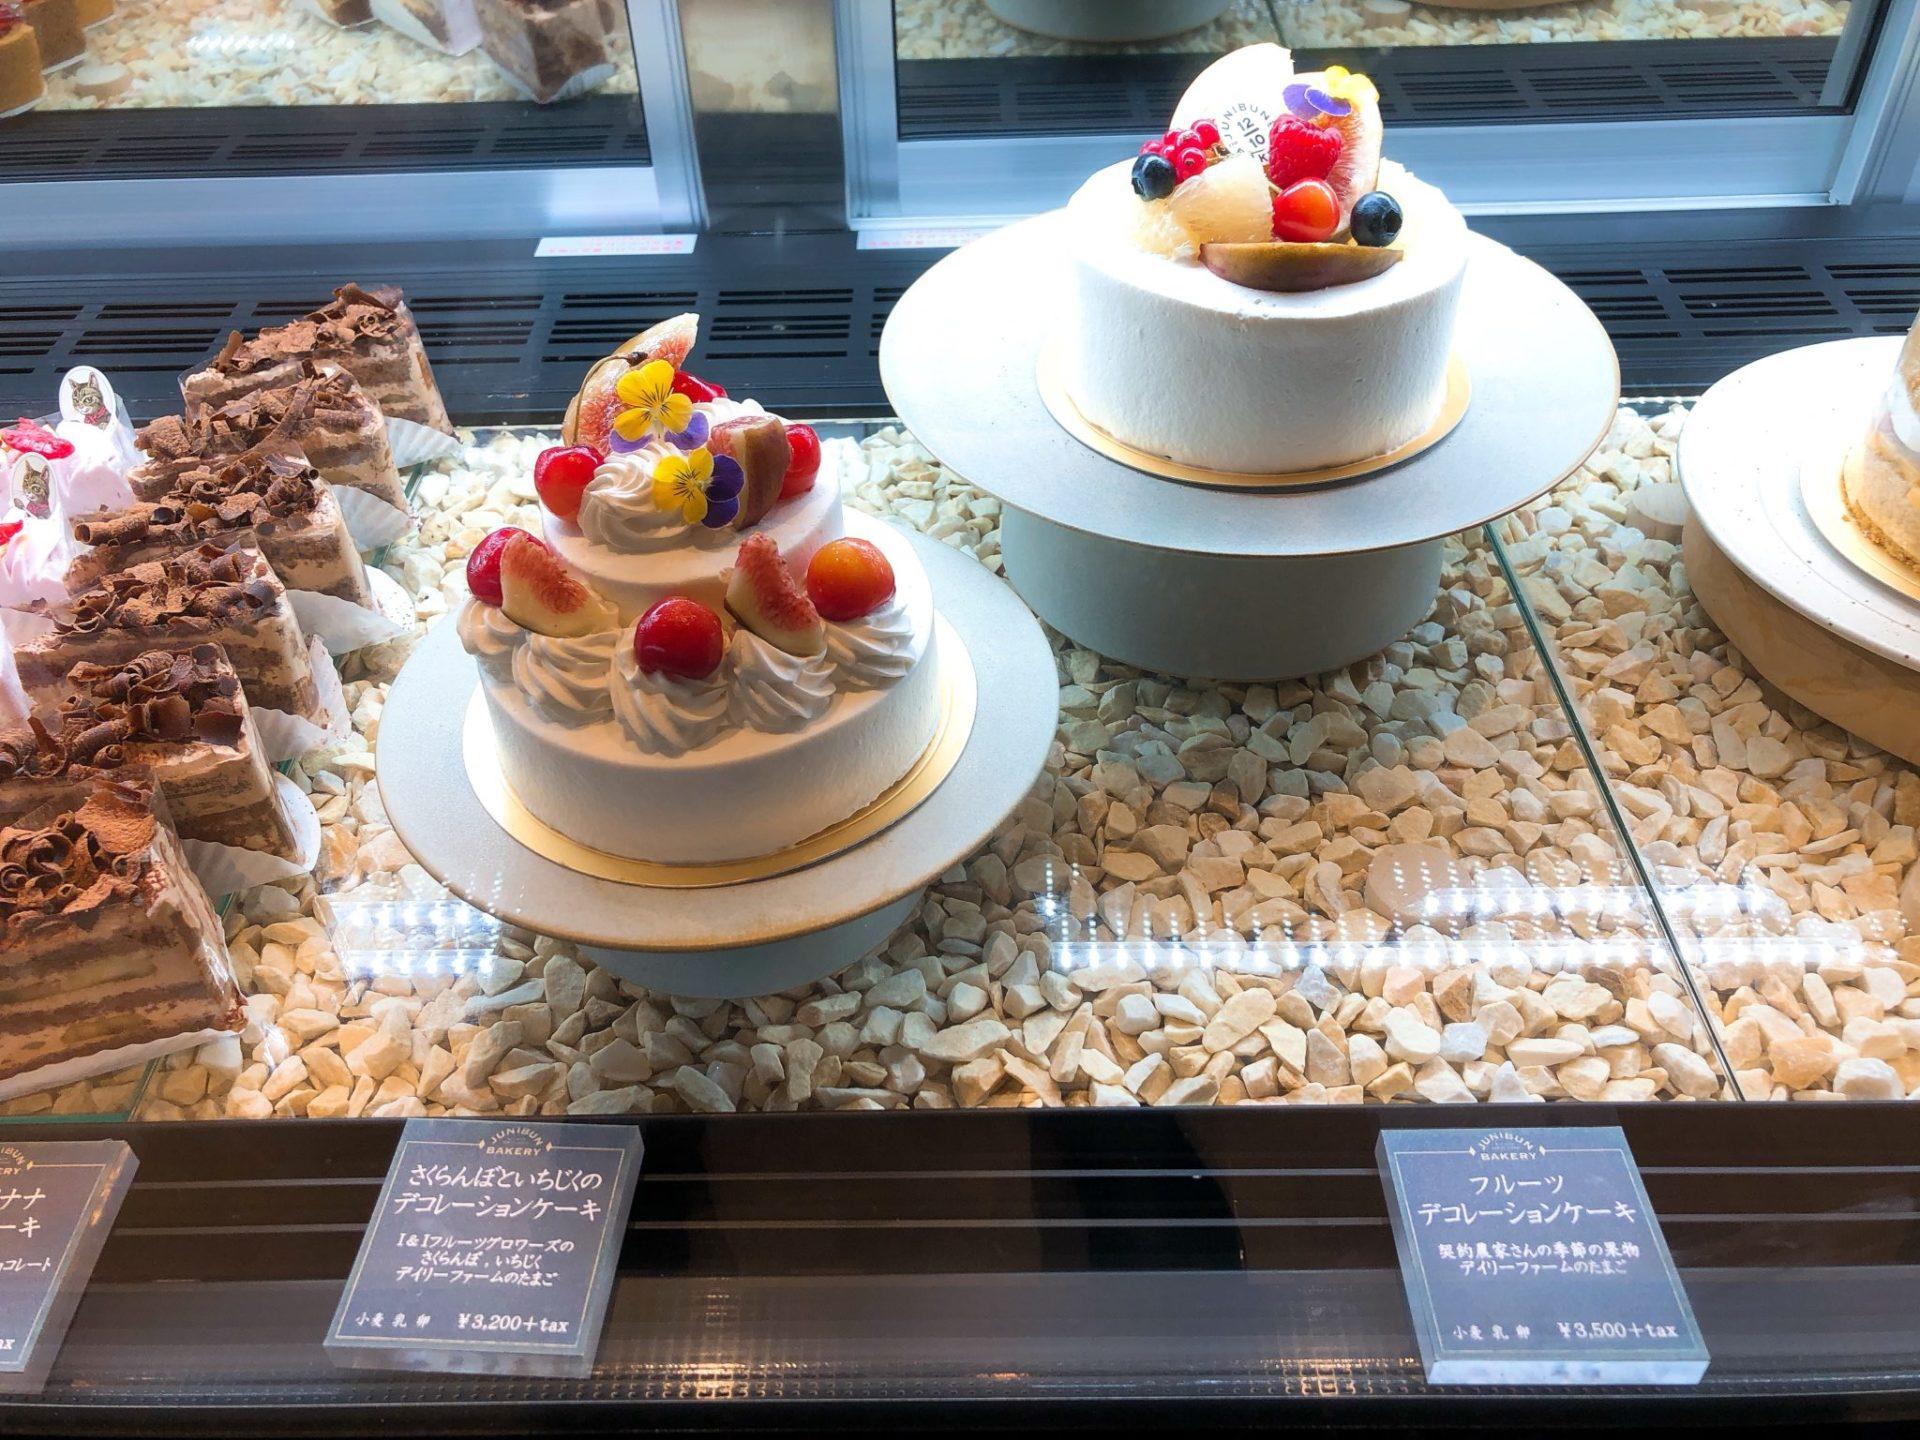 ジュウニブンベーカリー 三軒茶屋本店のデコレーションケーキ